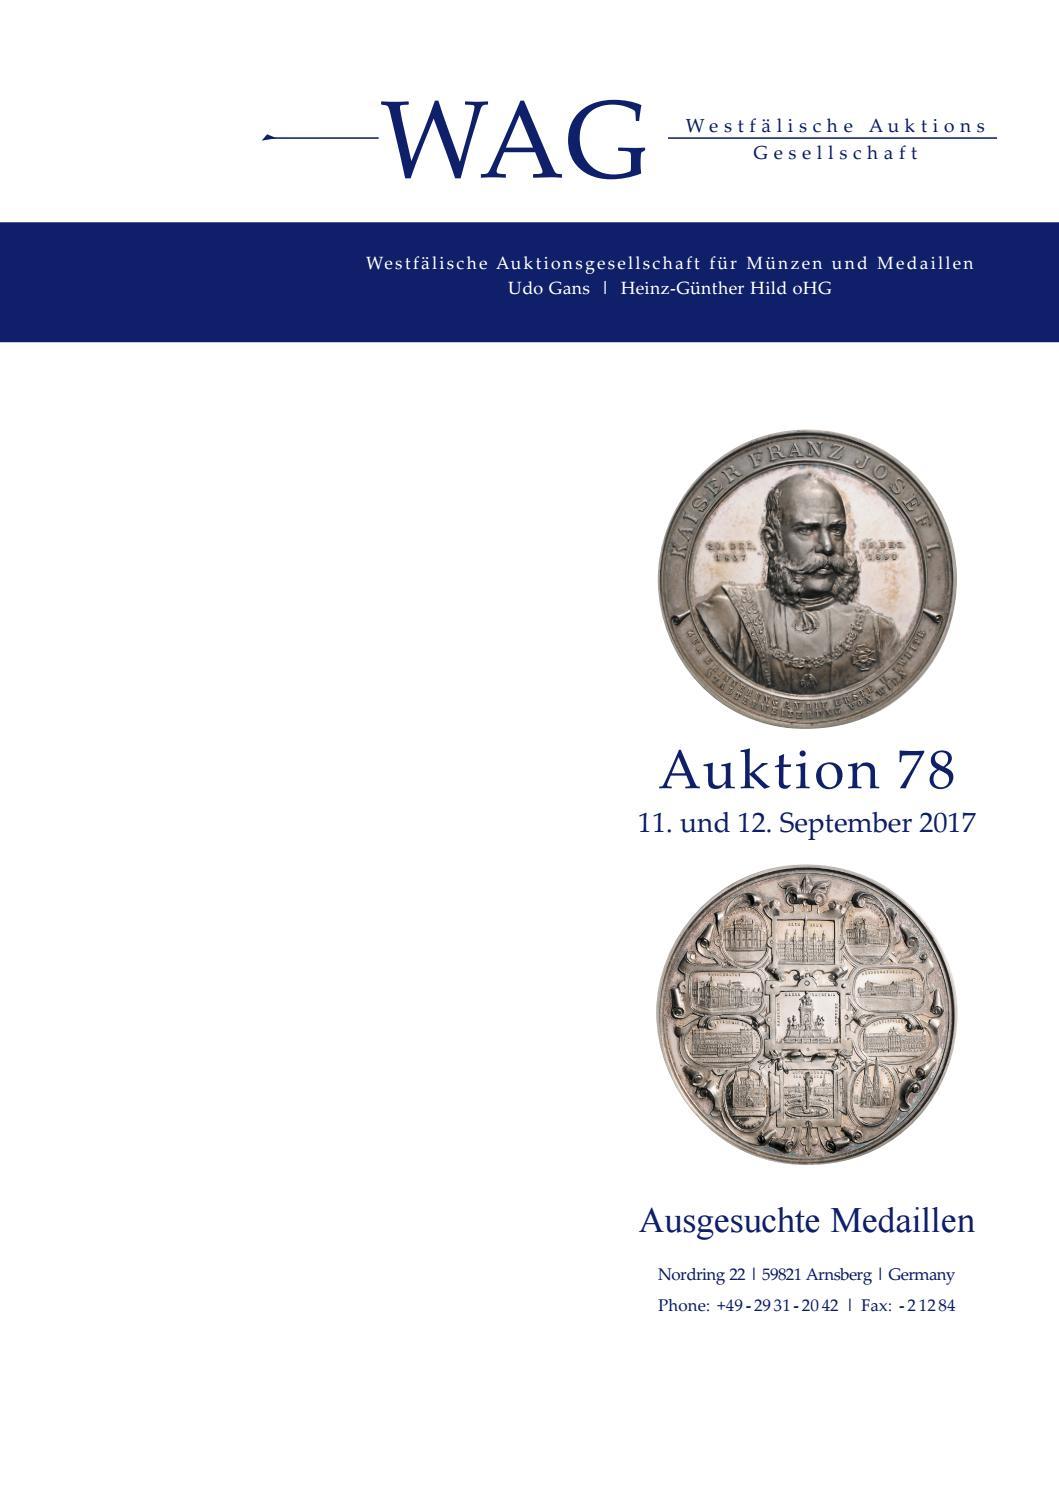 WAG Auktion 9 by WAG Auktionen   issuu